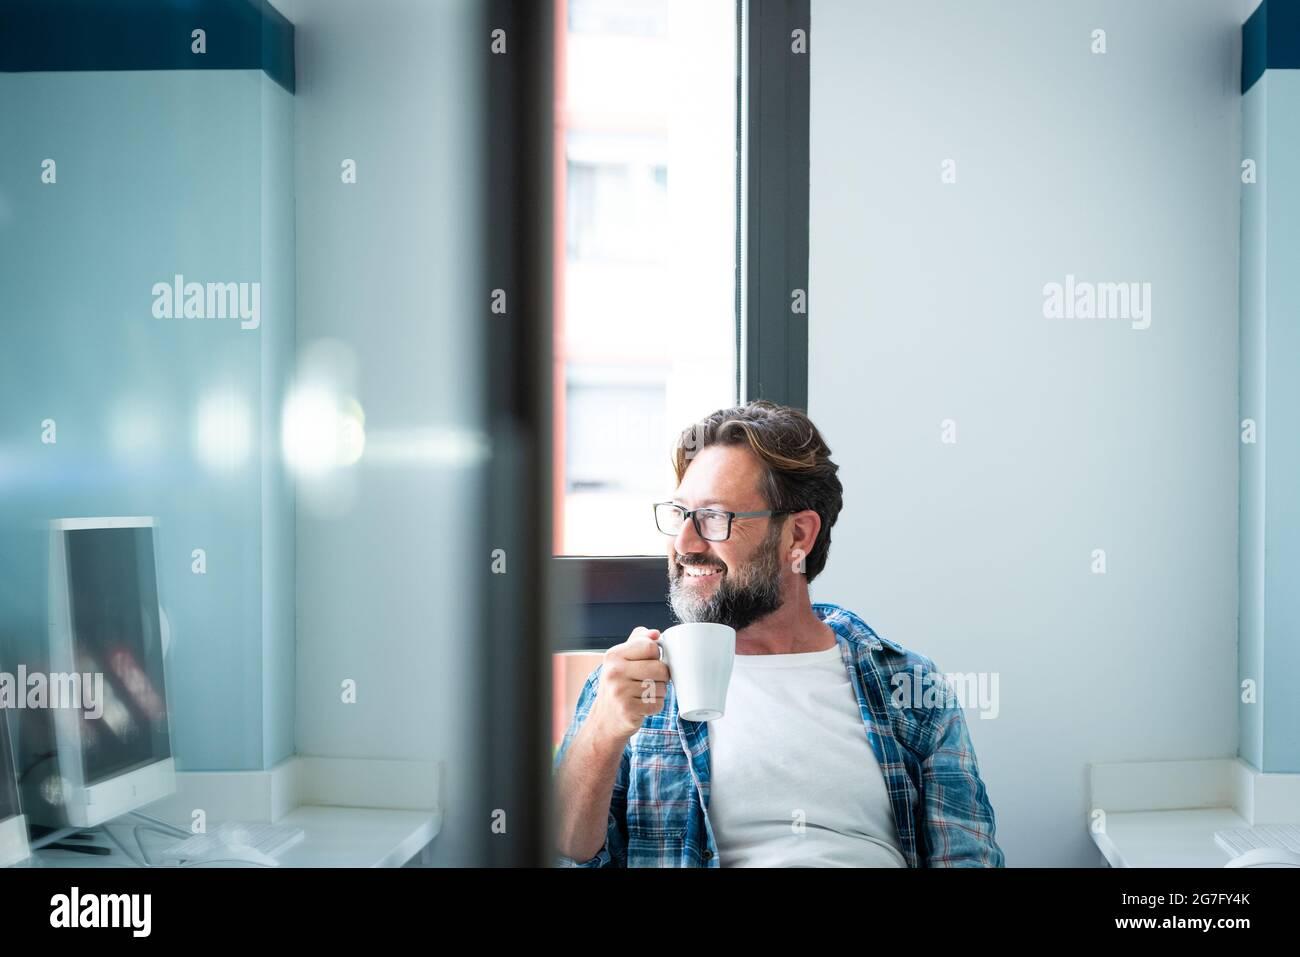 Portrait de l'homme heureux regardant à l'extérieur de la fenêtre et sourire en buvant un café à la maison ou au bureau - mâle caucasien adulte avec la barbe et les lunettes dans le travail br Banque D'Images